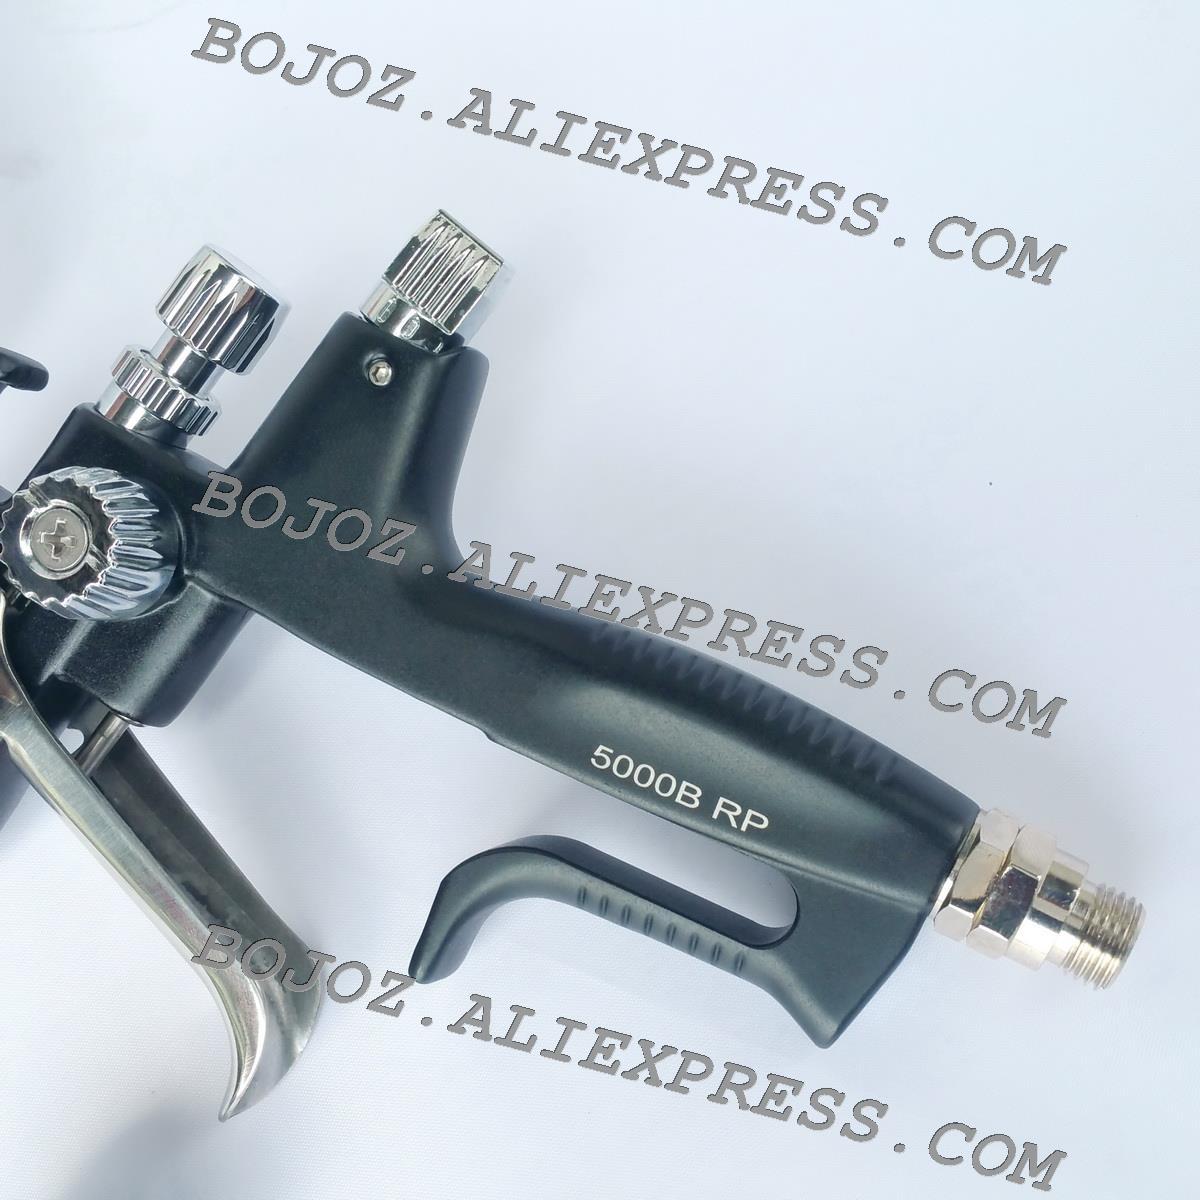 Pistola de pulverizador preta b rp do design de porsche da edição limitada 1.3 bocal com copo de t para o corpo do carro, eficiência elevada pintada do pulverizador